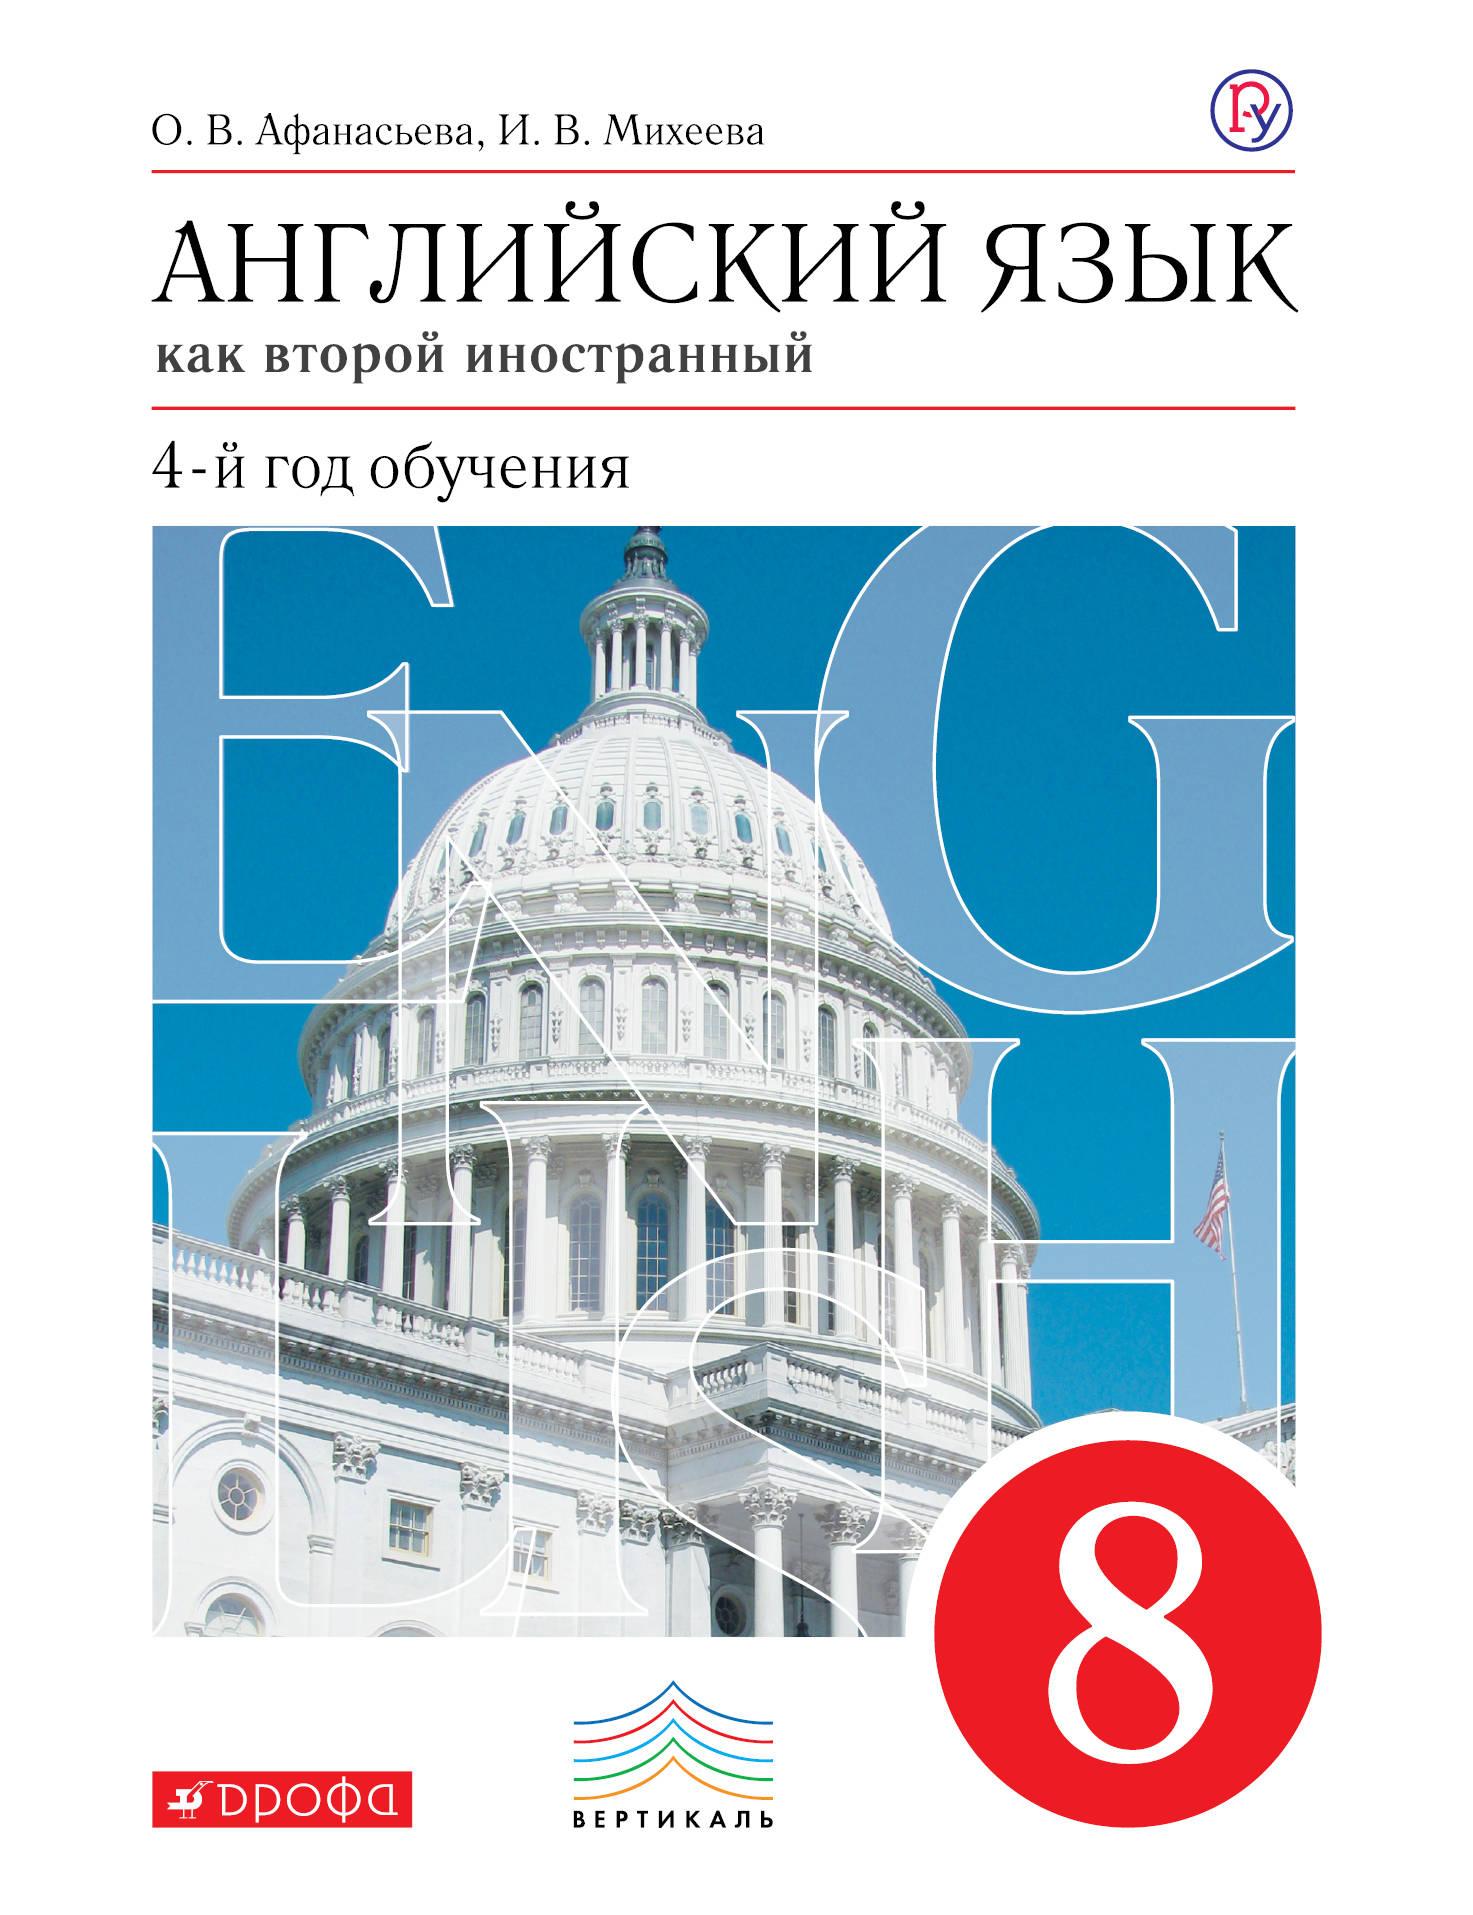 О. В. Афанасьева,И. В. Михеева Английский язык как второй иностранный. Четвертый год обучения. 8 класс. Учебник